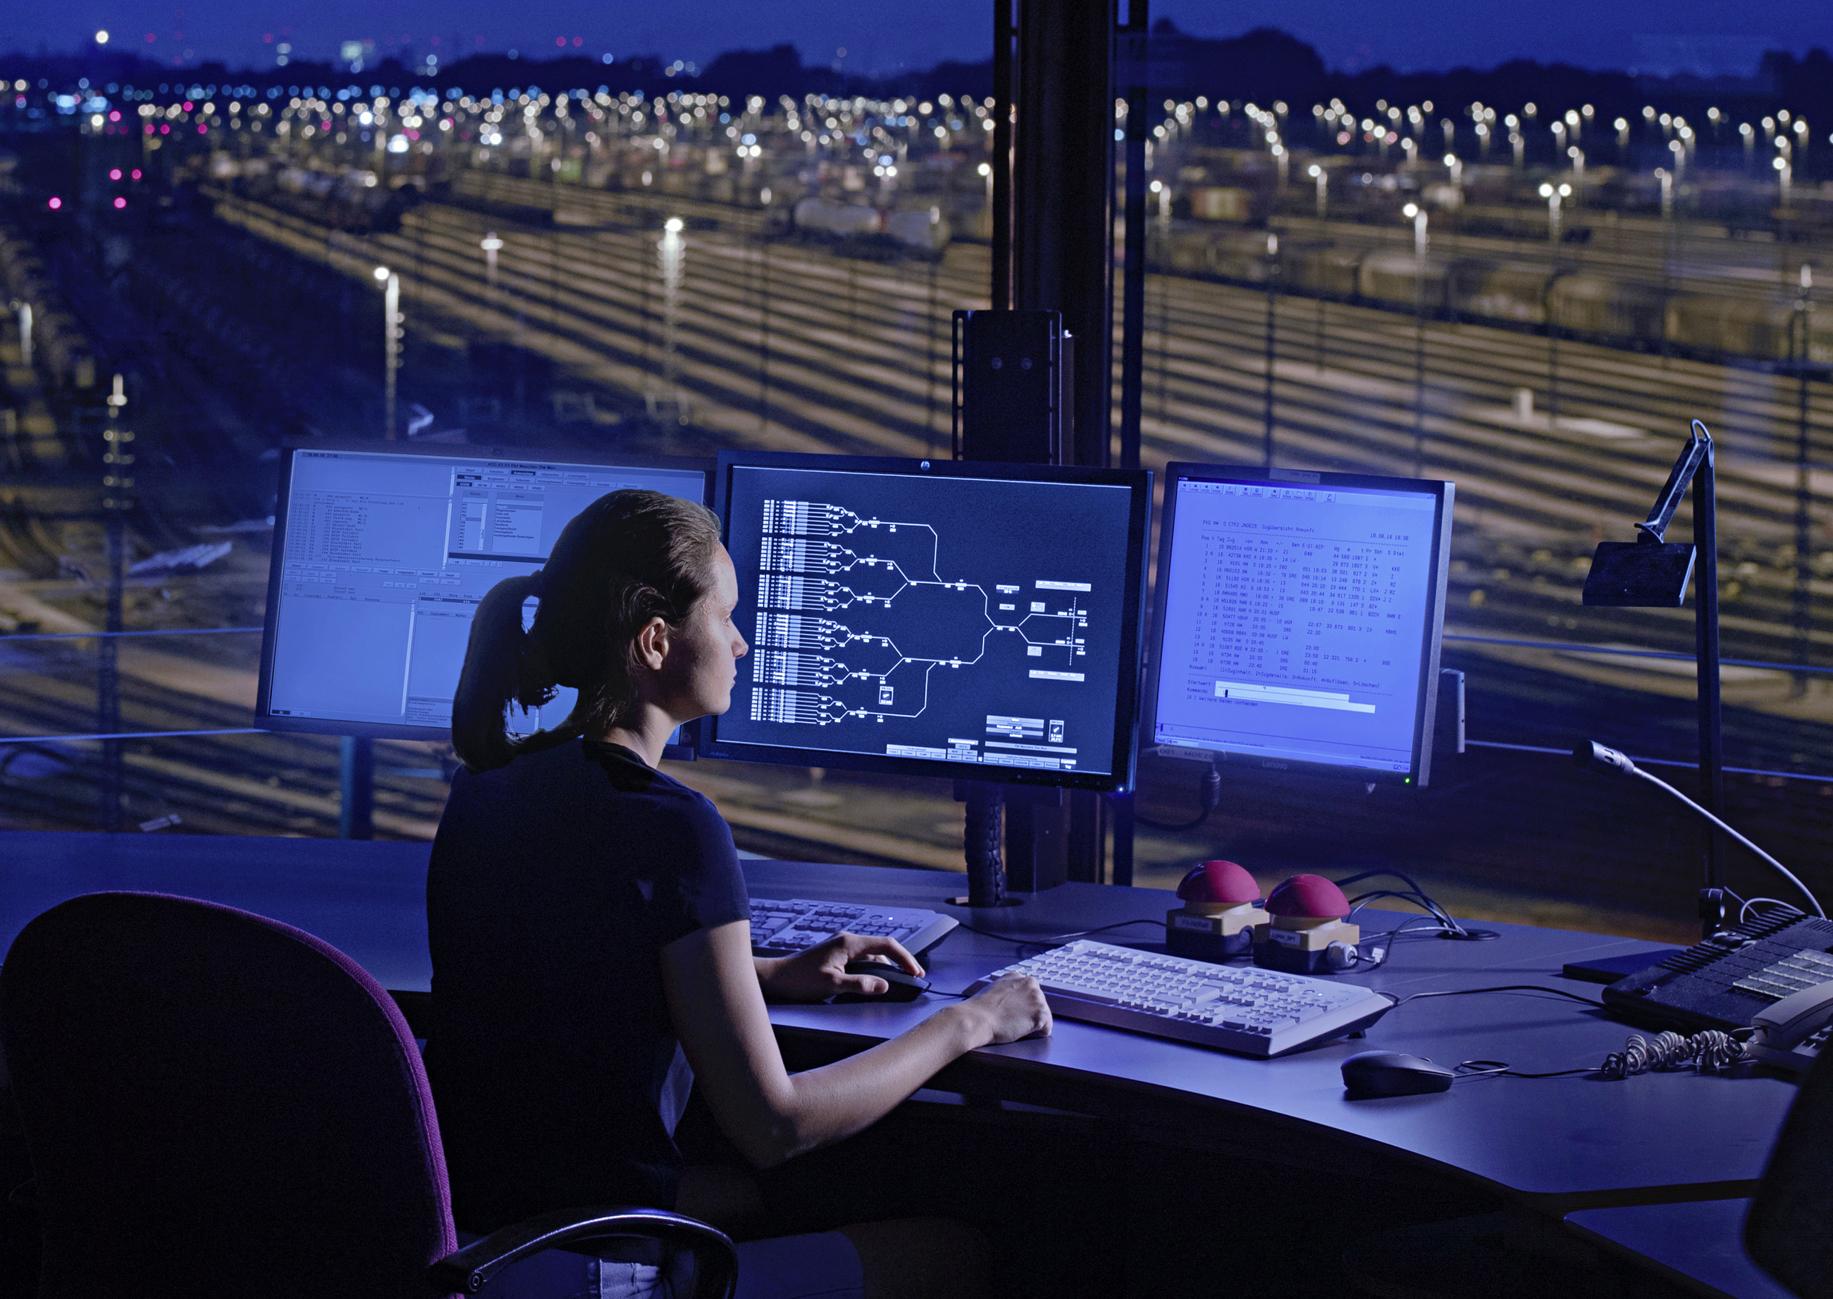 Mitarbeiterin hinter Bildschirmen in einer DB-Betriebszentrale